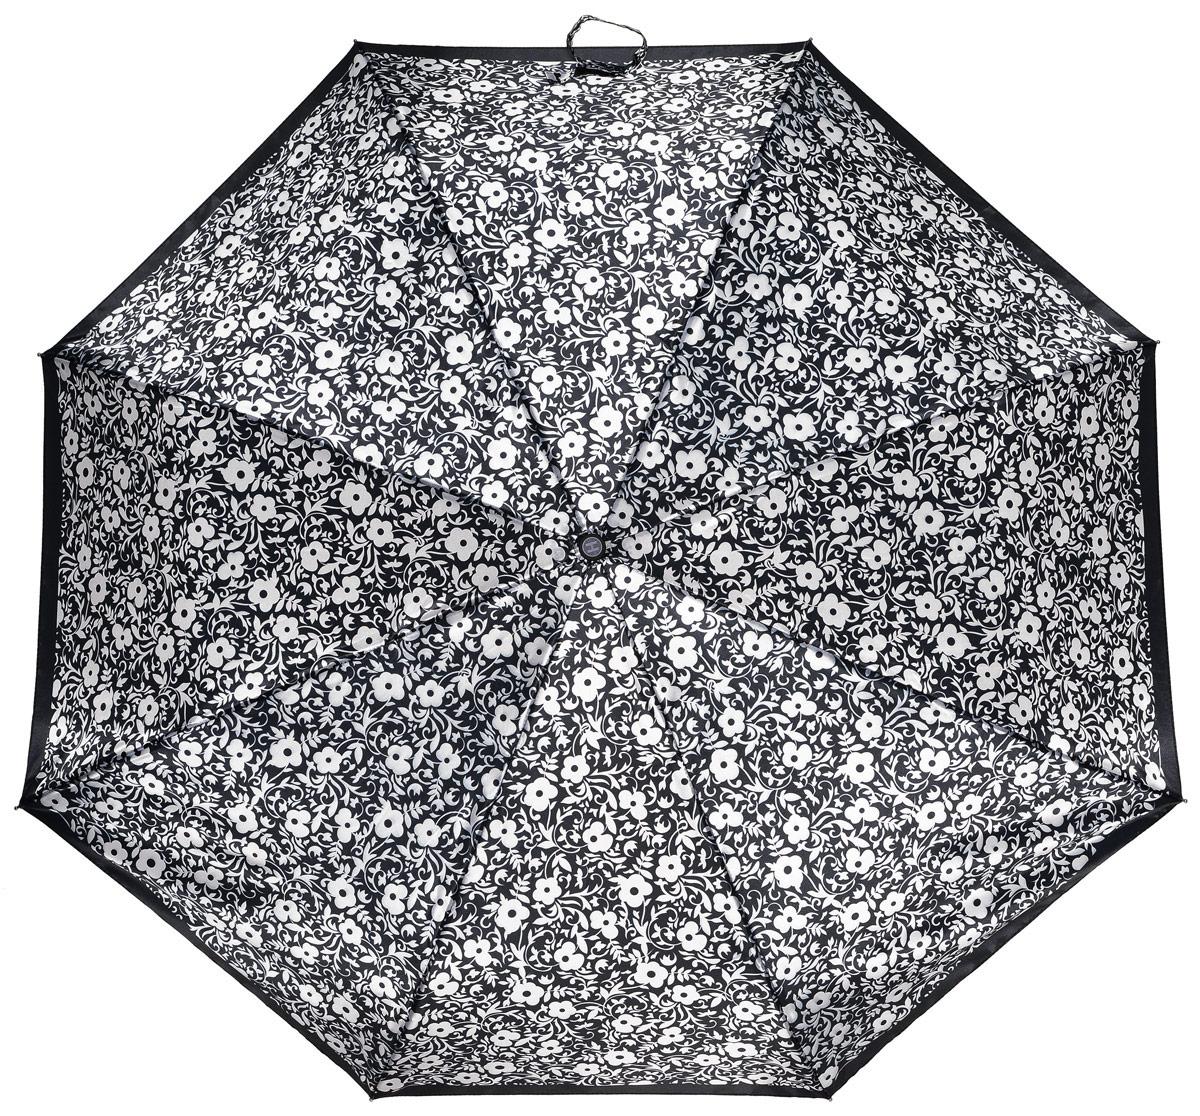 Зонт женский Henry Backer, 3 сложения, цвет: черный. U21202 White flowersREM12-CAM-GREENBLACKЭлегантный женский зонт «Белые цветы» с сатиновым куполом, автомат У модели большой ветроустойчивый купол, хорошо защищающий от дождя, и прочный стальной каркас с элементами из фибергласса.